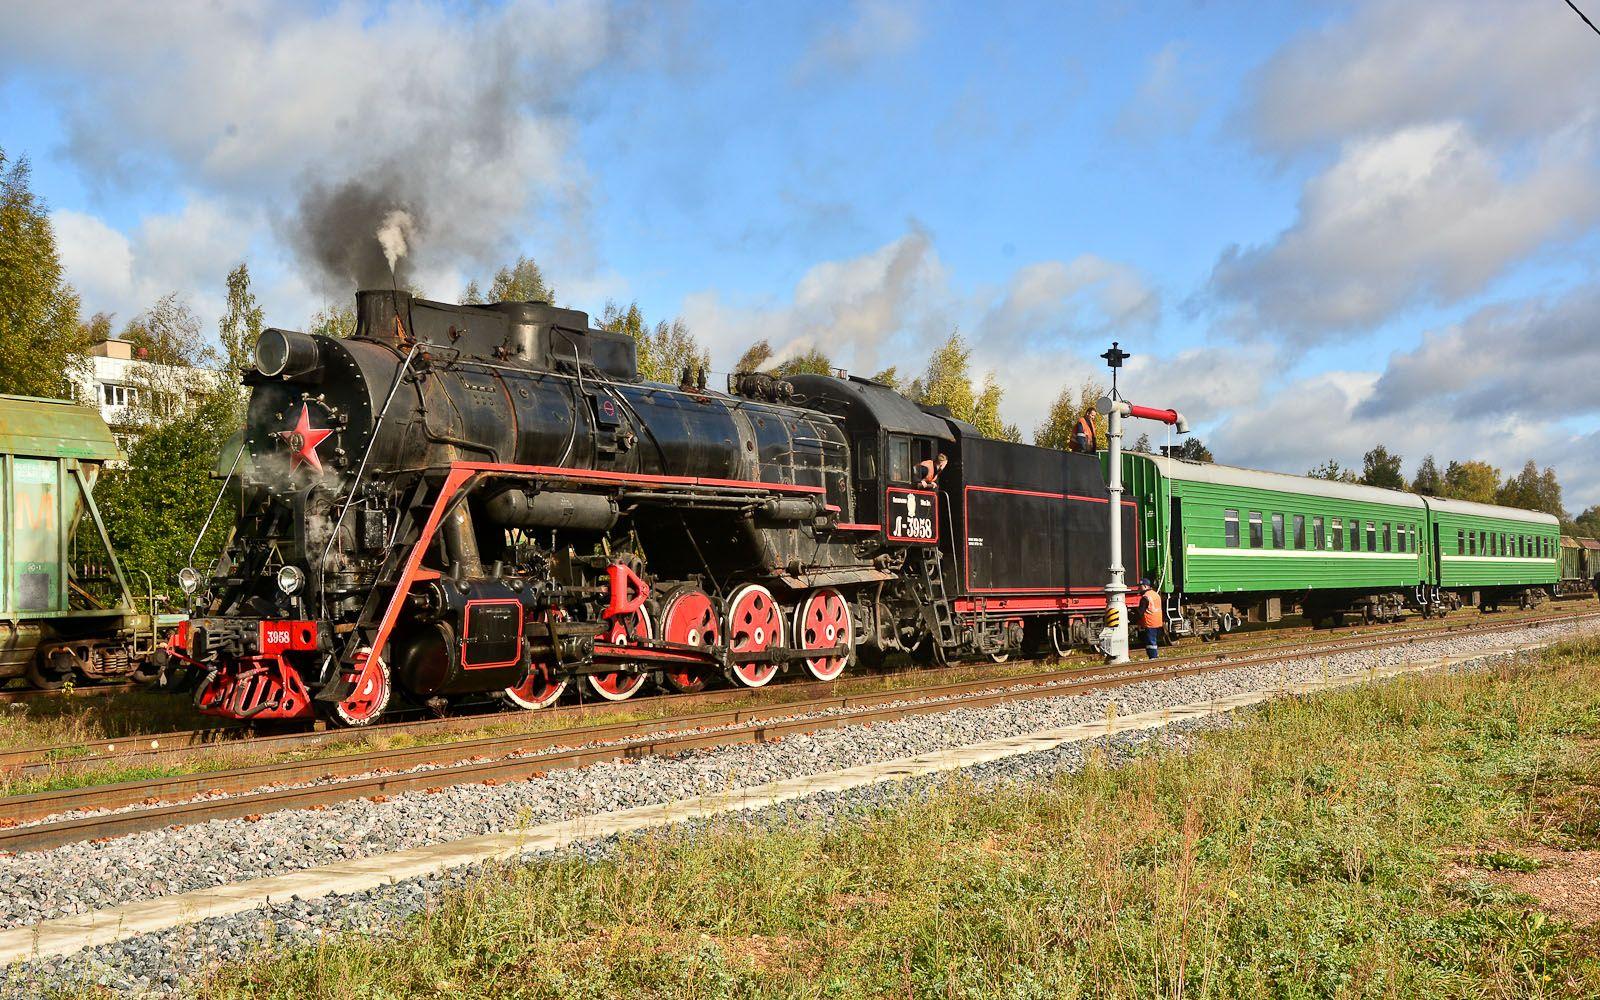 ©Foto: railmen Steffen Mann | Die Dampflok L-3958 ist Baujahr 1955 und stammt aus der Lokfabrik Woroschilowgrad